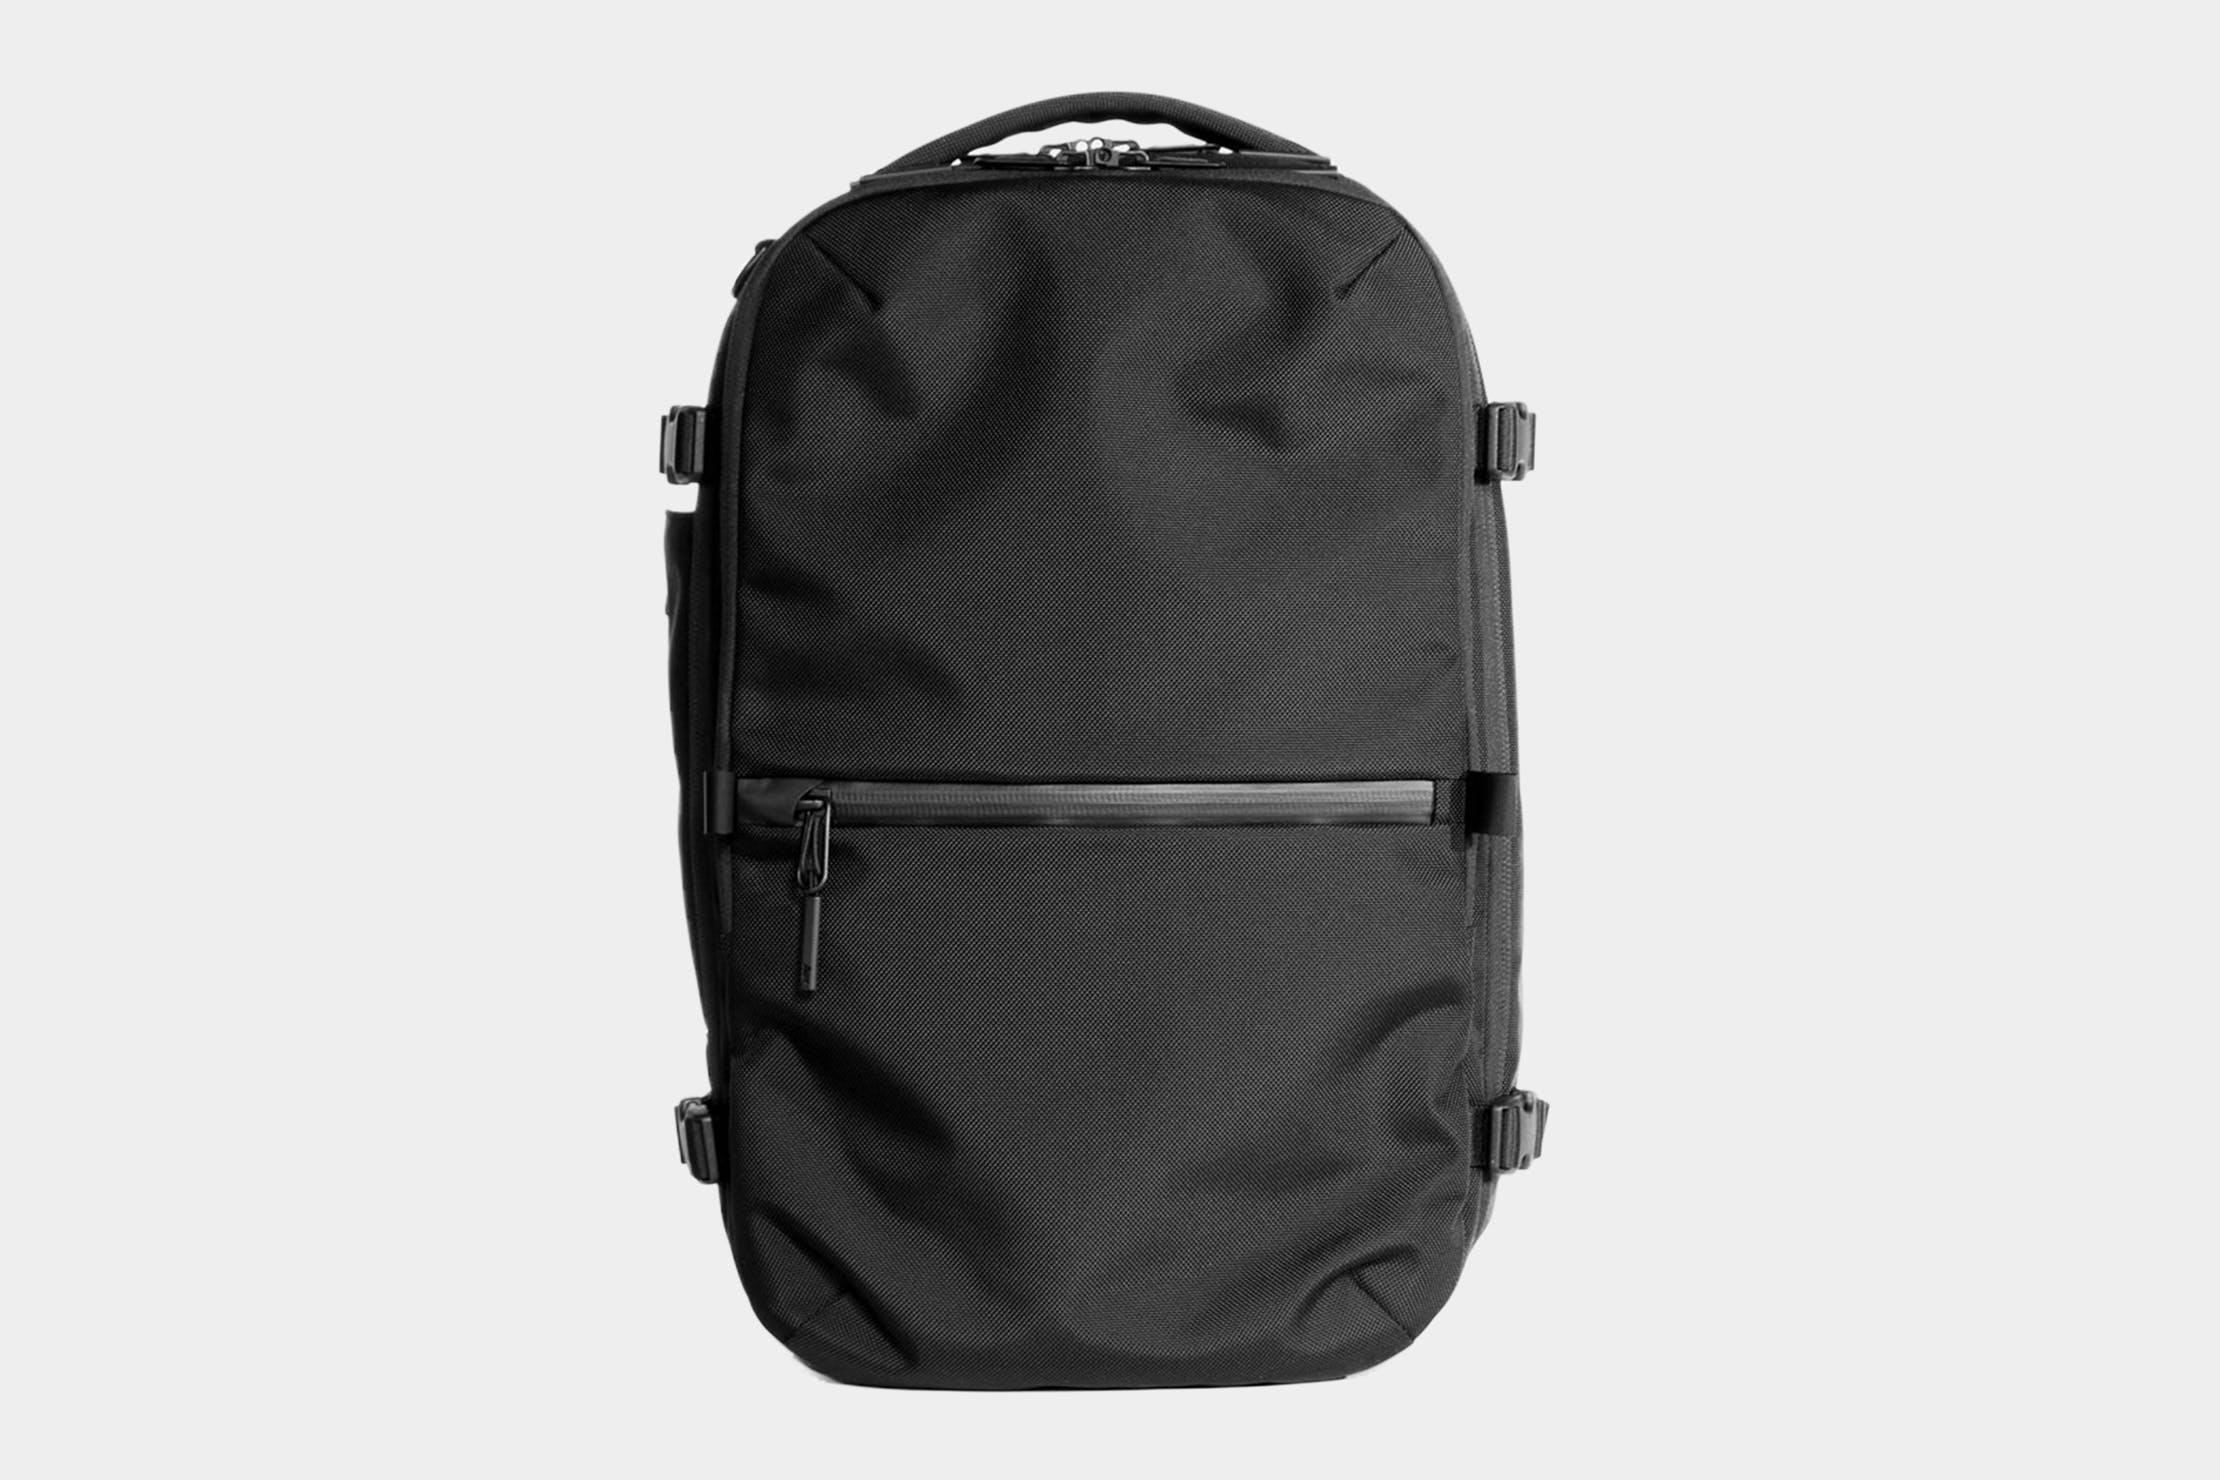 e5e68a7c0e5df Aer Travel Pack 2 Review (One Bag Update)